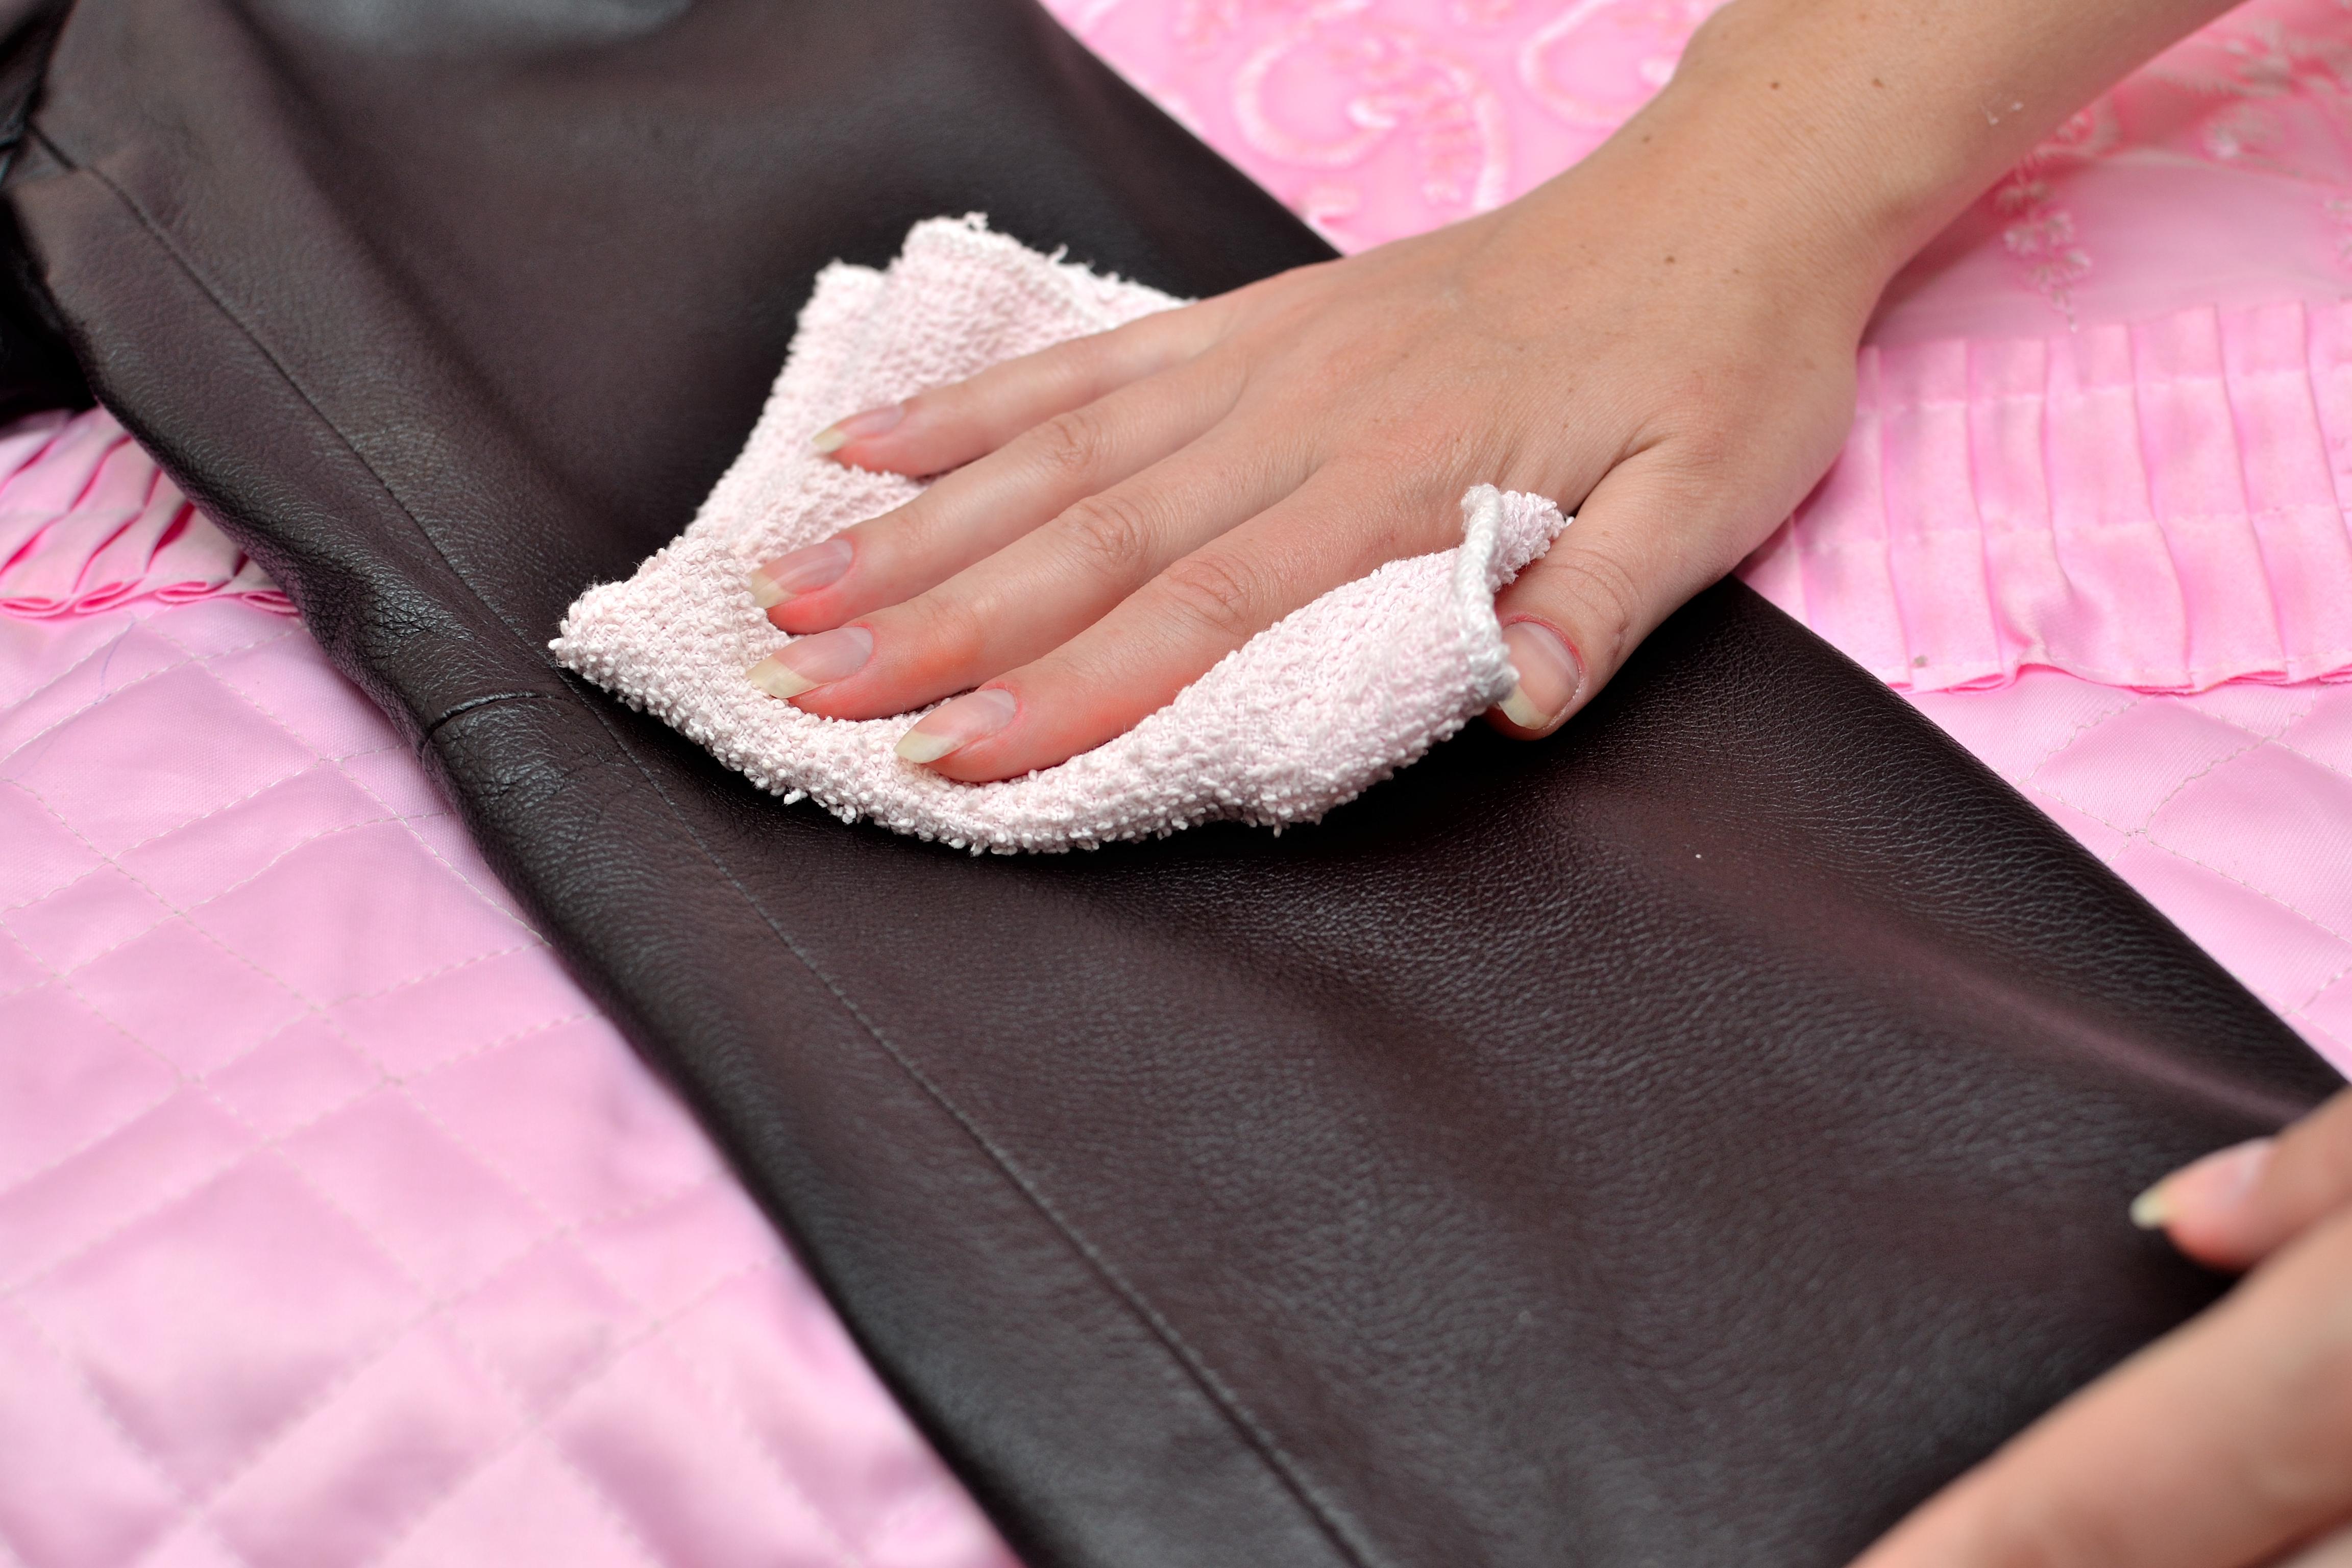 После чистки кожу протирают фланелью или ветошью, хорошо впитывающей воду